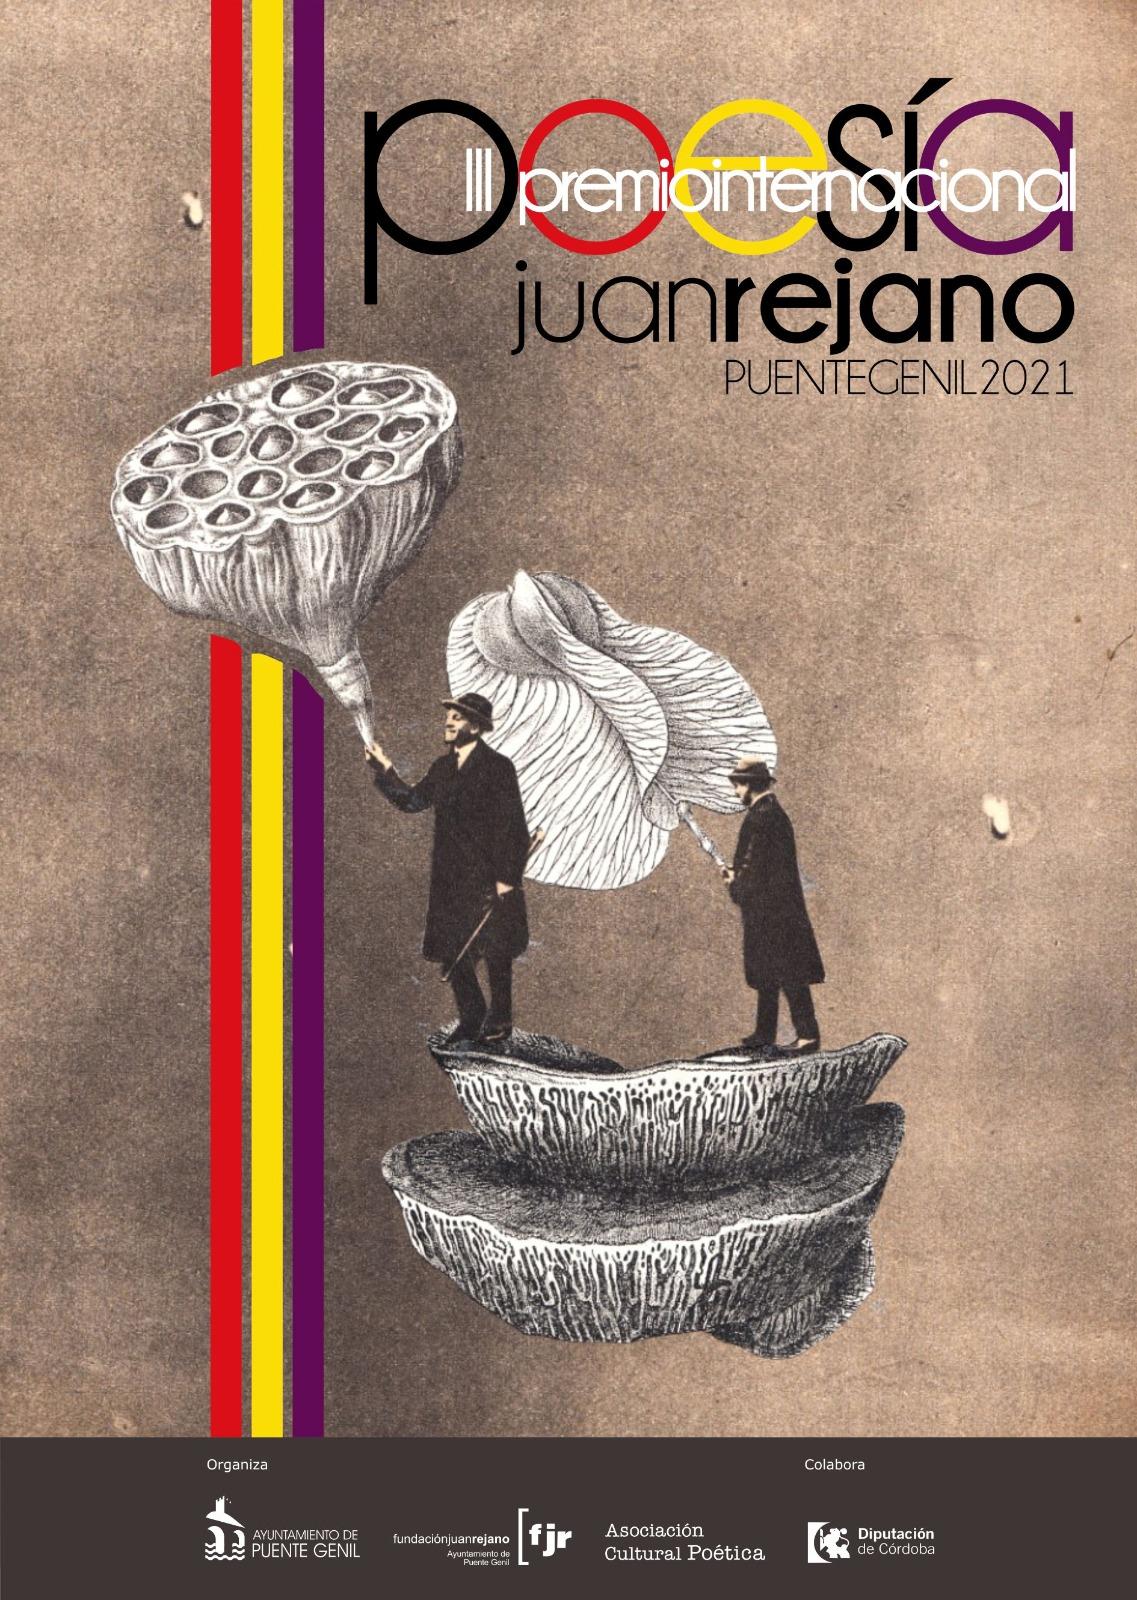 III Premio Internacional de Poesía Juan Rejano